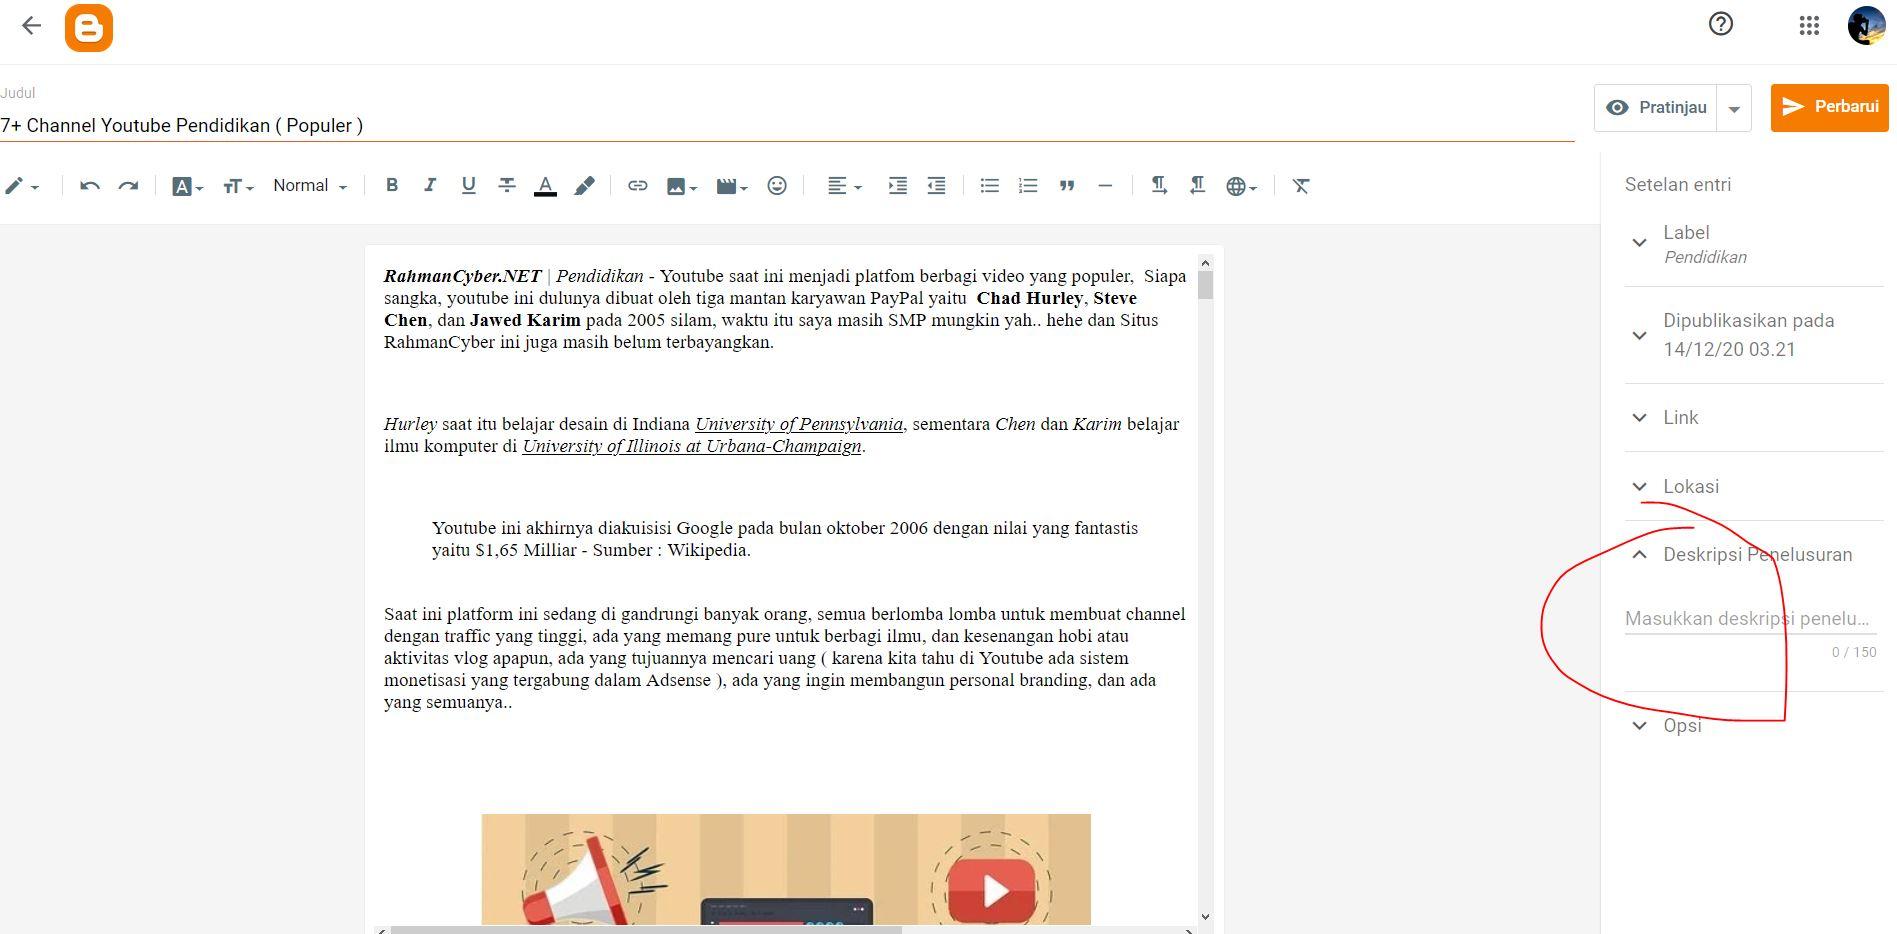 Contoh Blog Tanpa Meta Deskripsi Manual